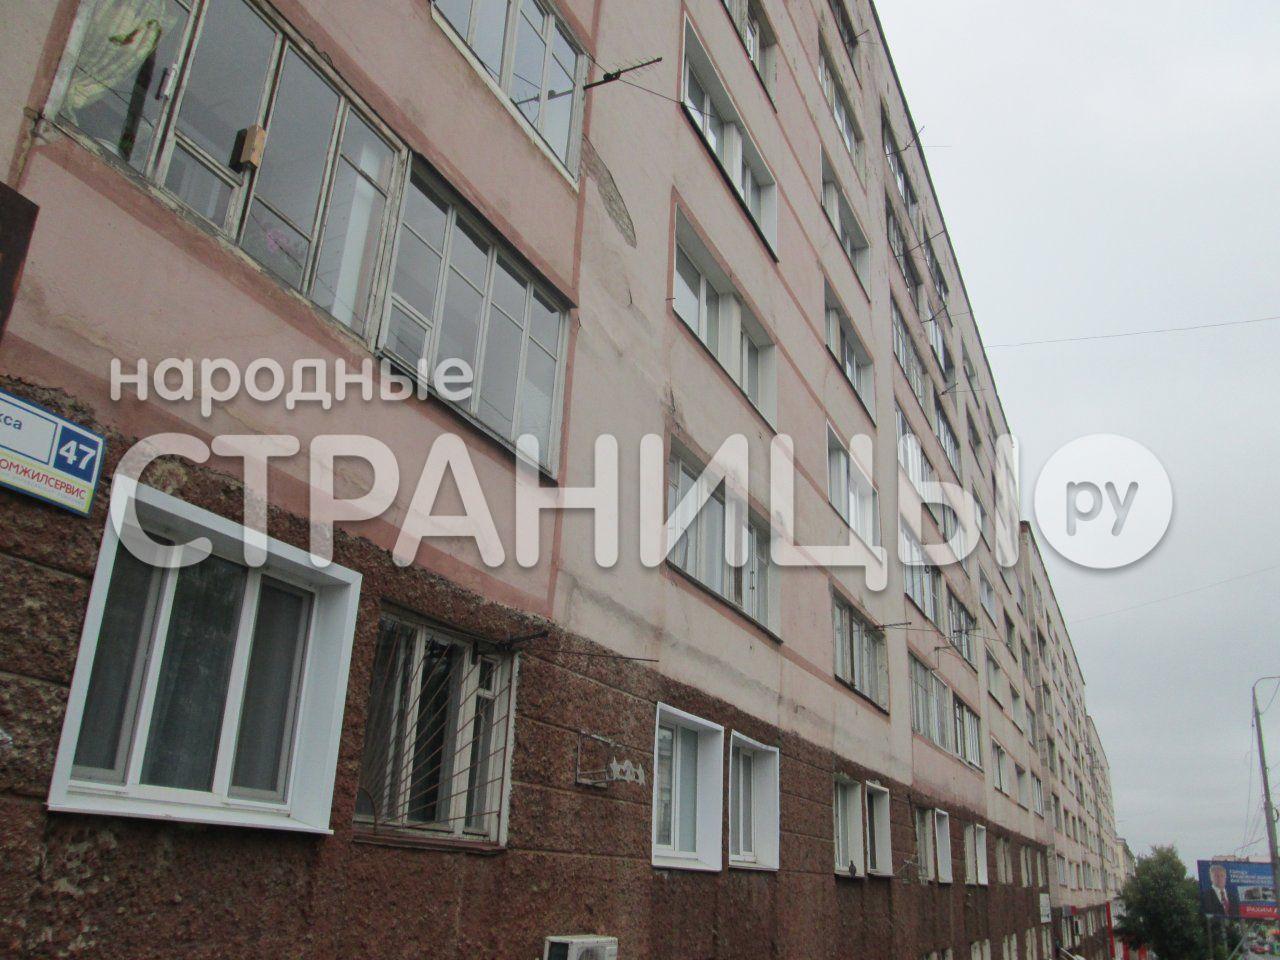 1-комнатная квартира, 34.0 м²,  7/7 эт. Кирпичный дом, Вторичное жилье